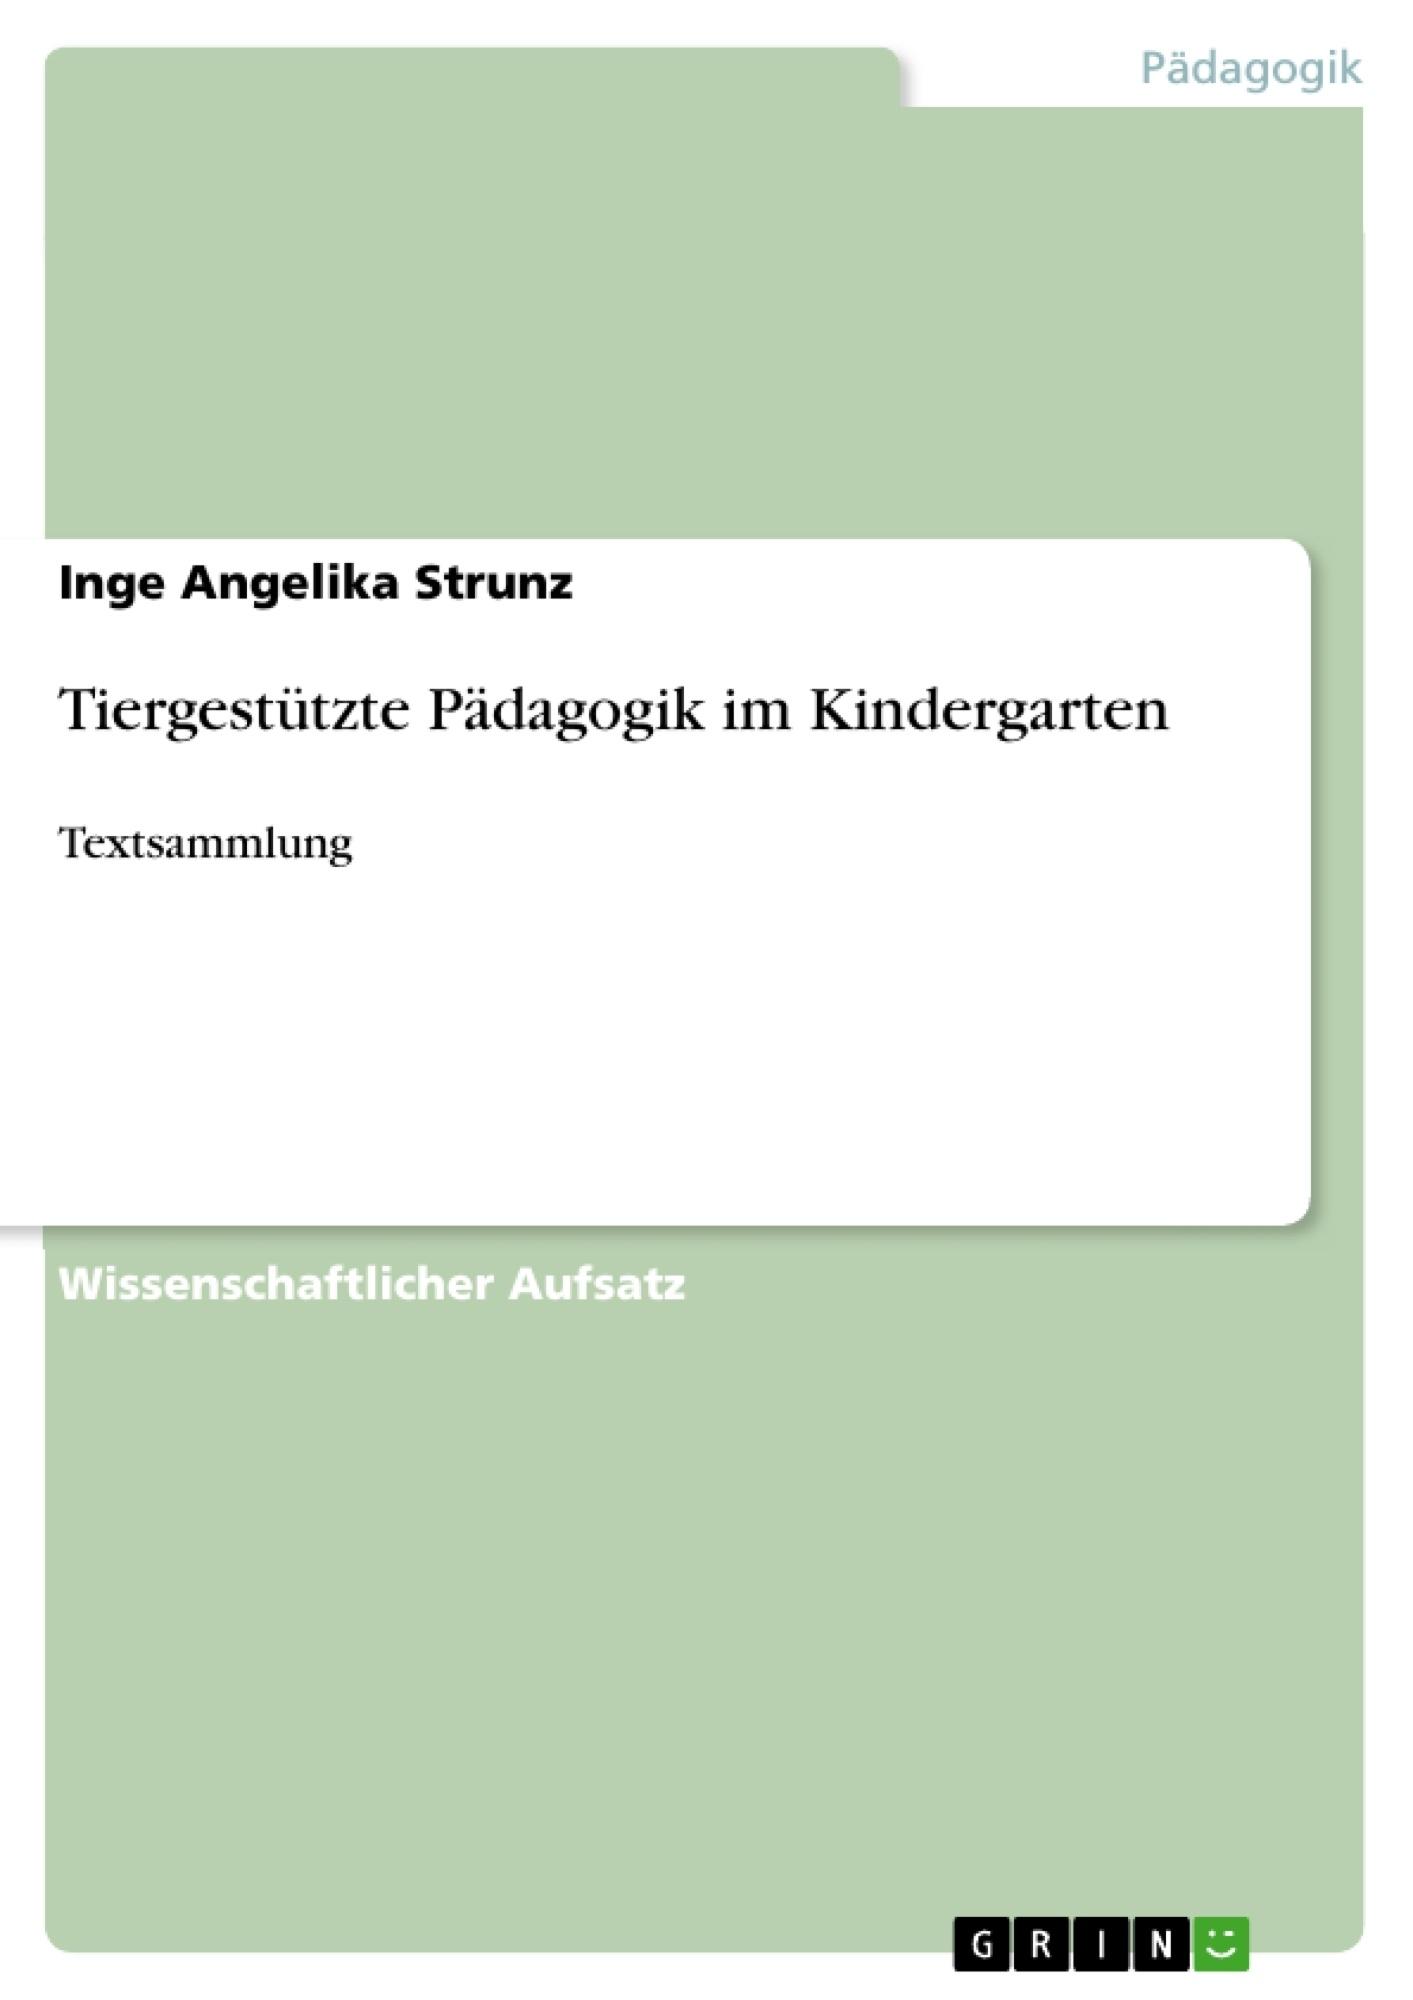 Titel: Tiergestützte Pädagogik im Kindergarten